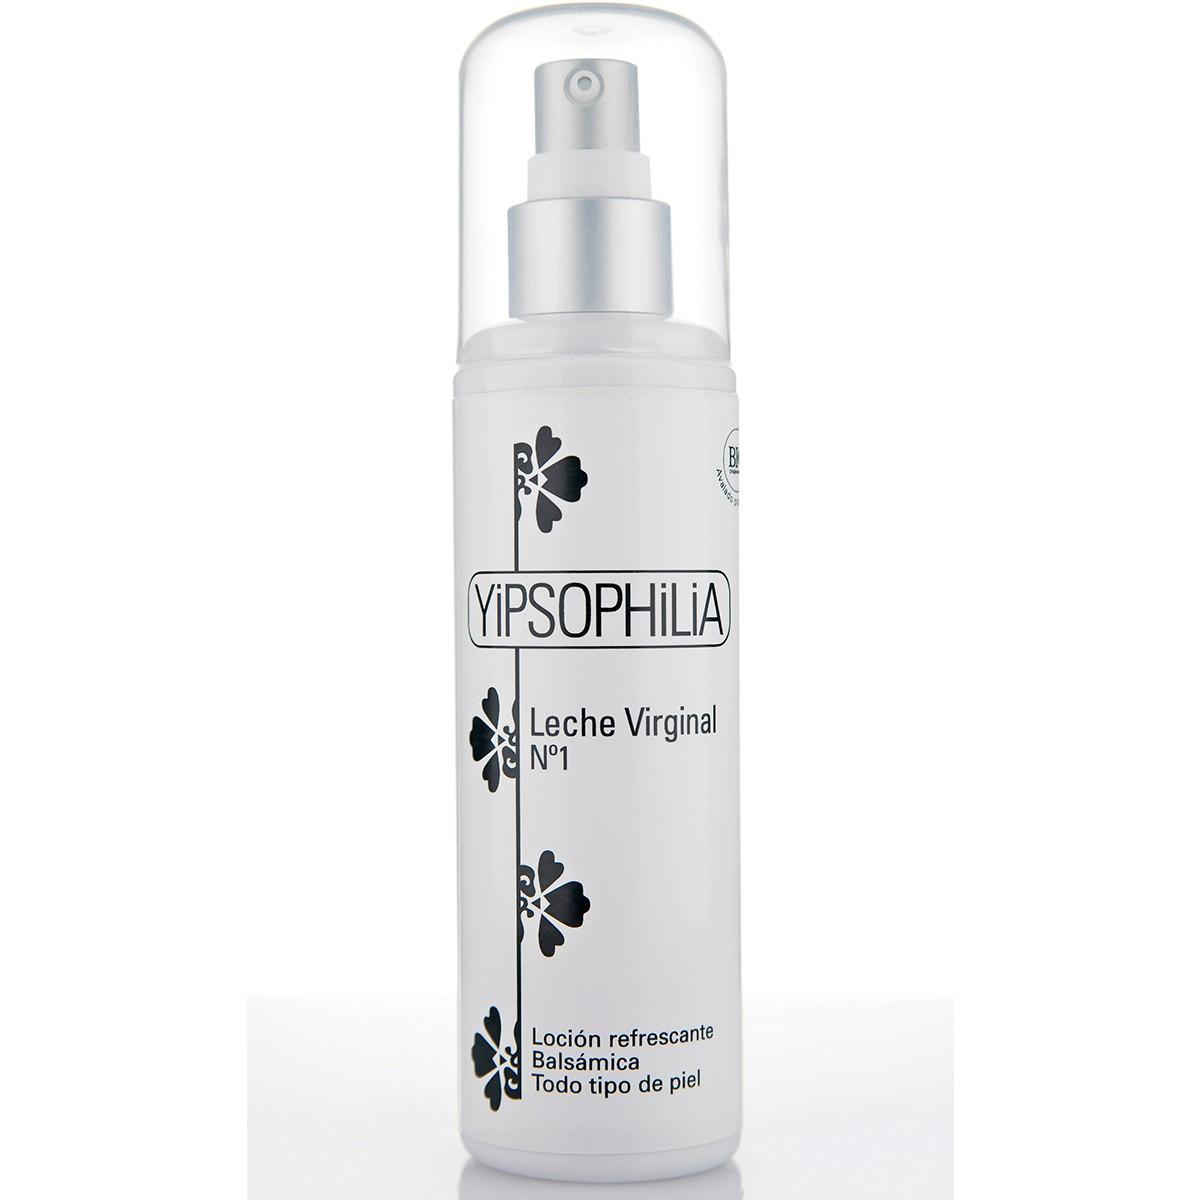 Yipsophilia Leche Virginal 125ml.